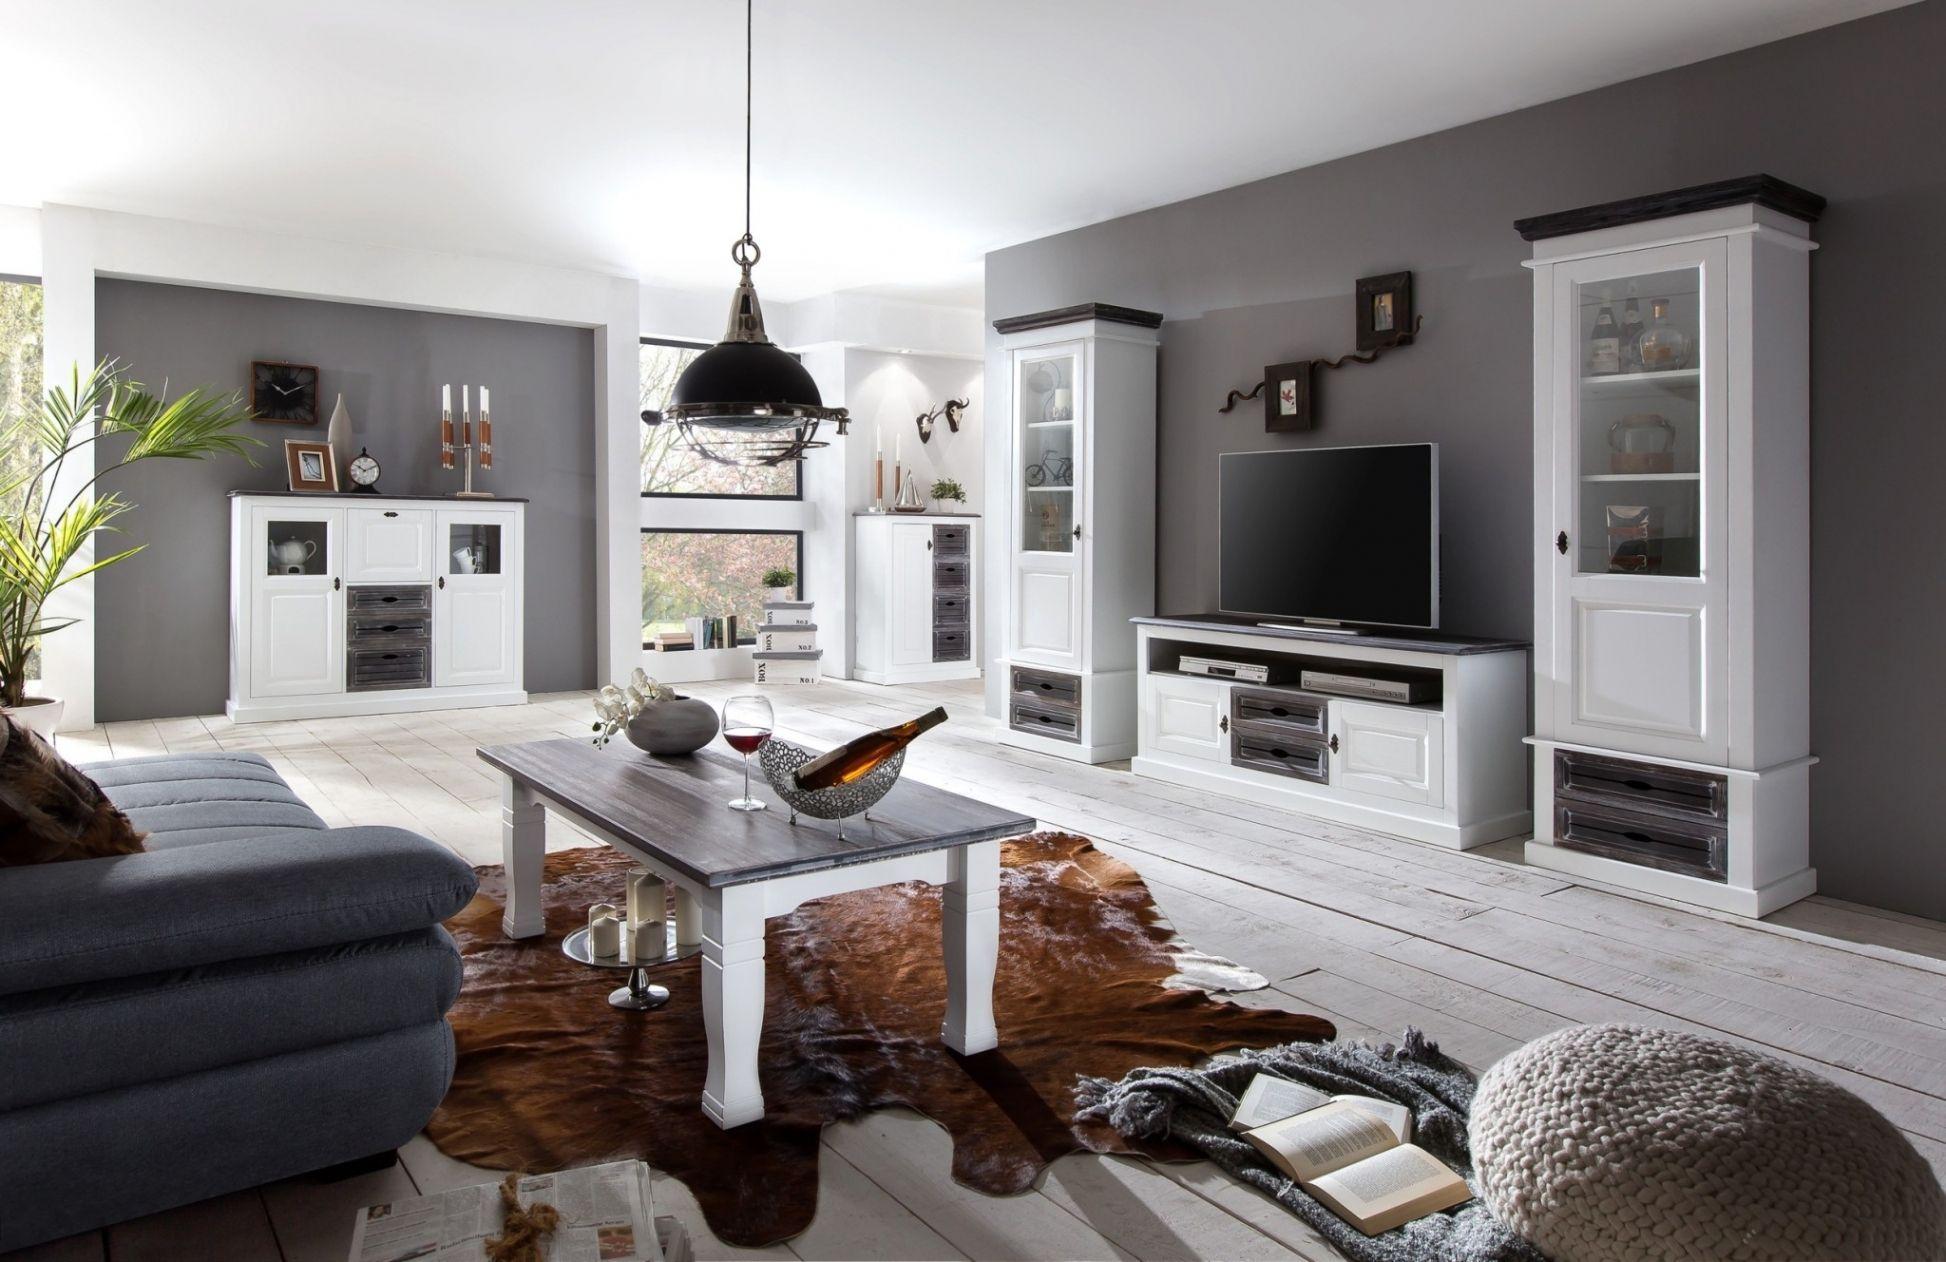 Elegant Wohnzimmer Ideen Vintage Wohnzimmer Ideen Living